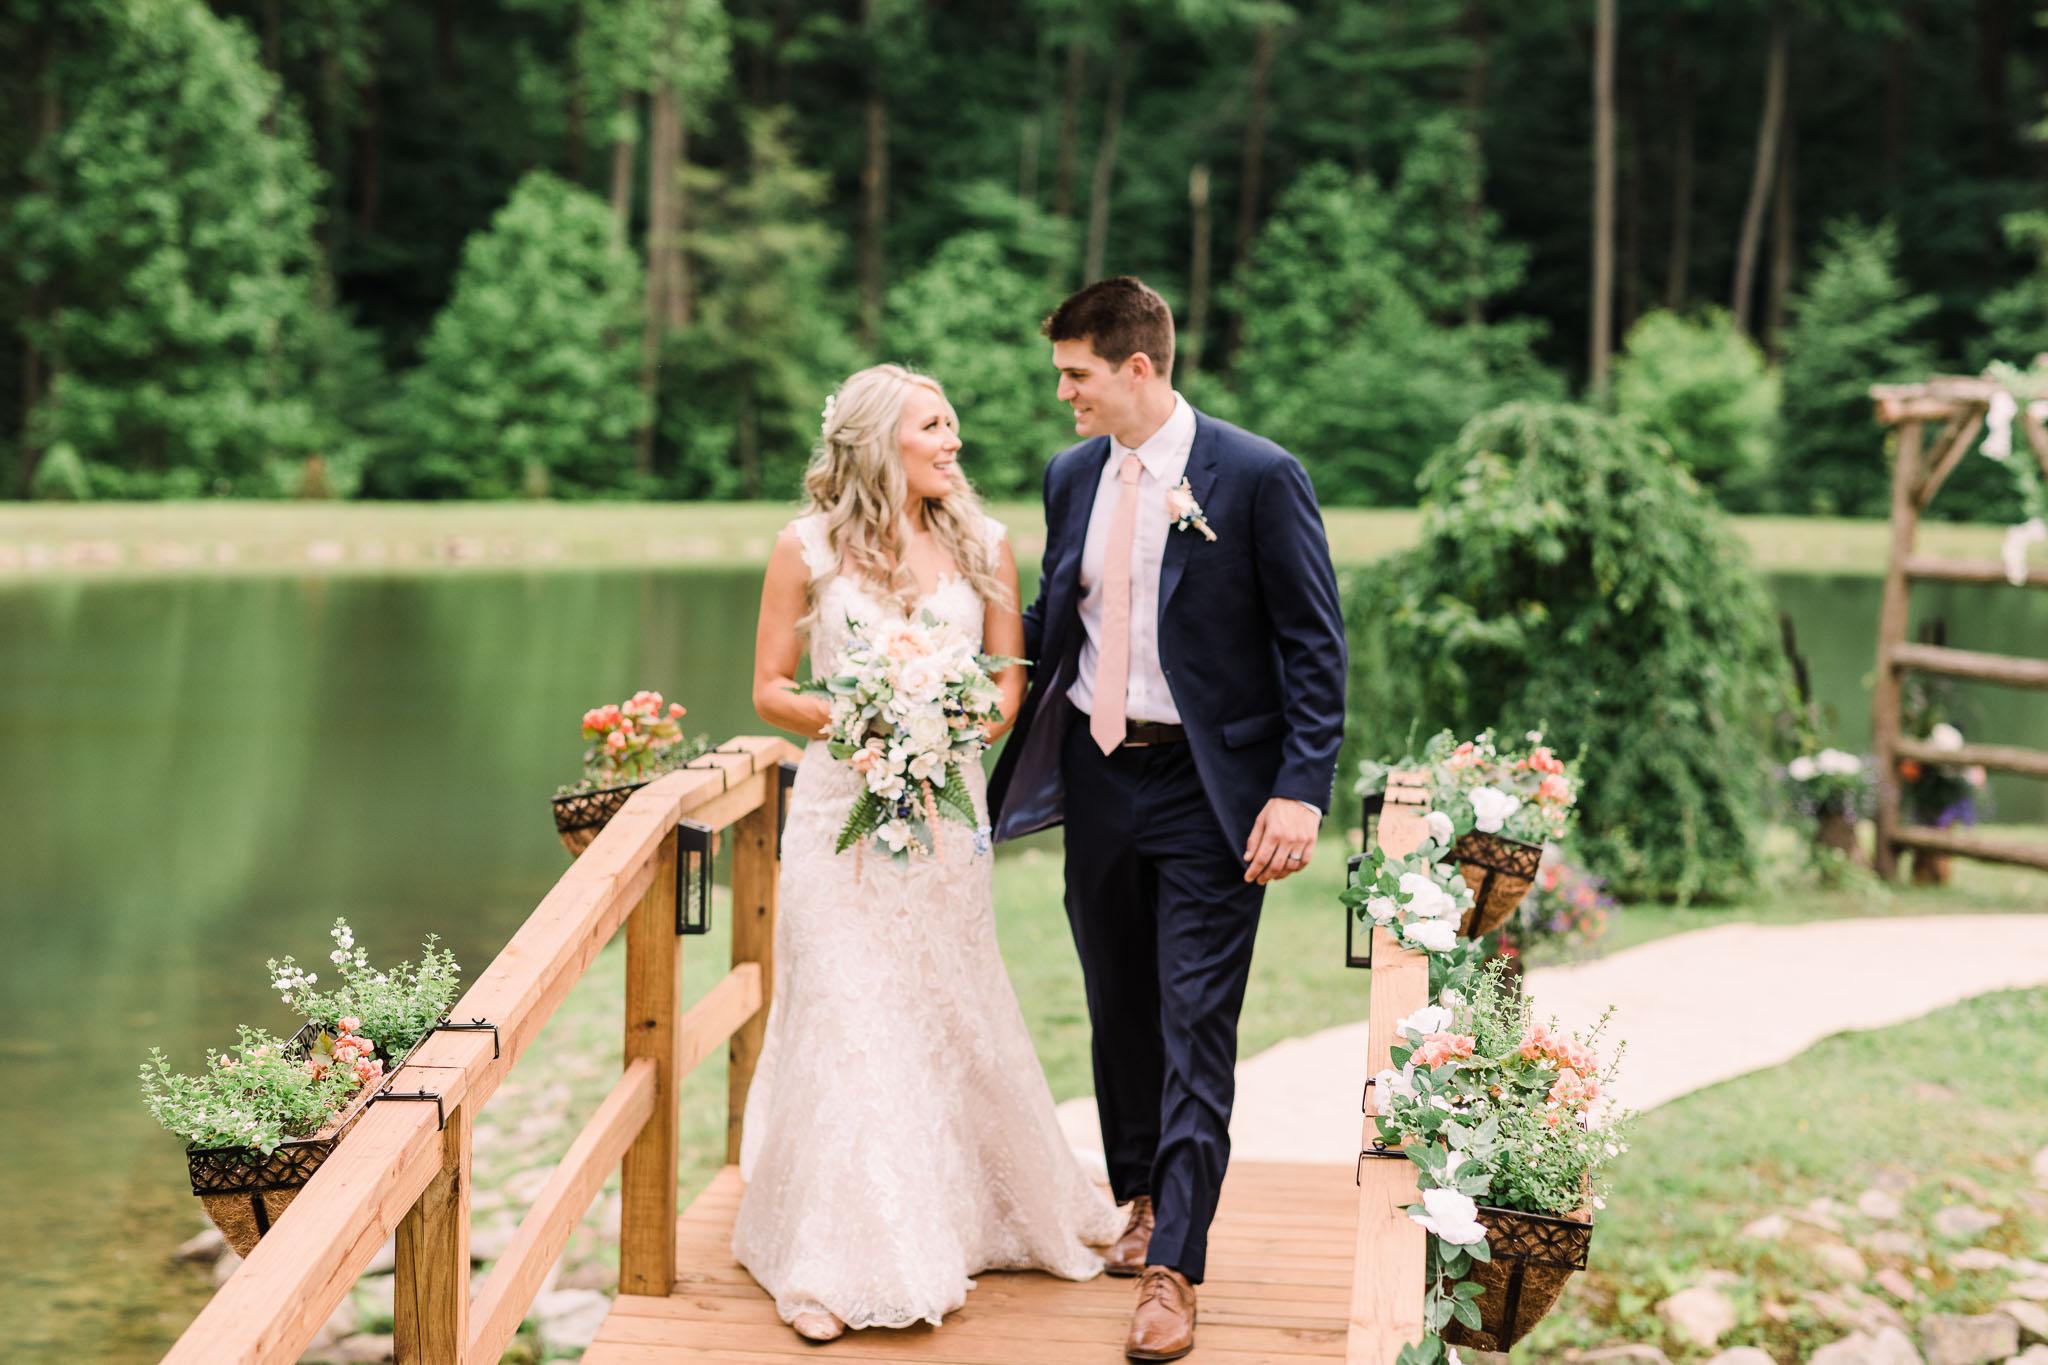 June-backyard-wedding-3388.jpg